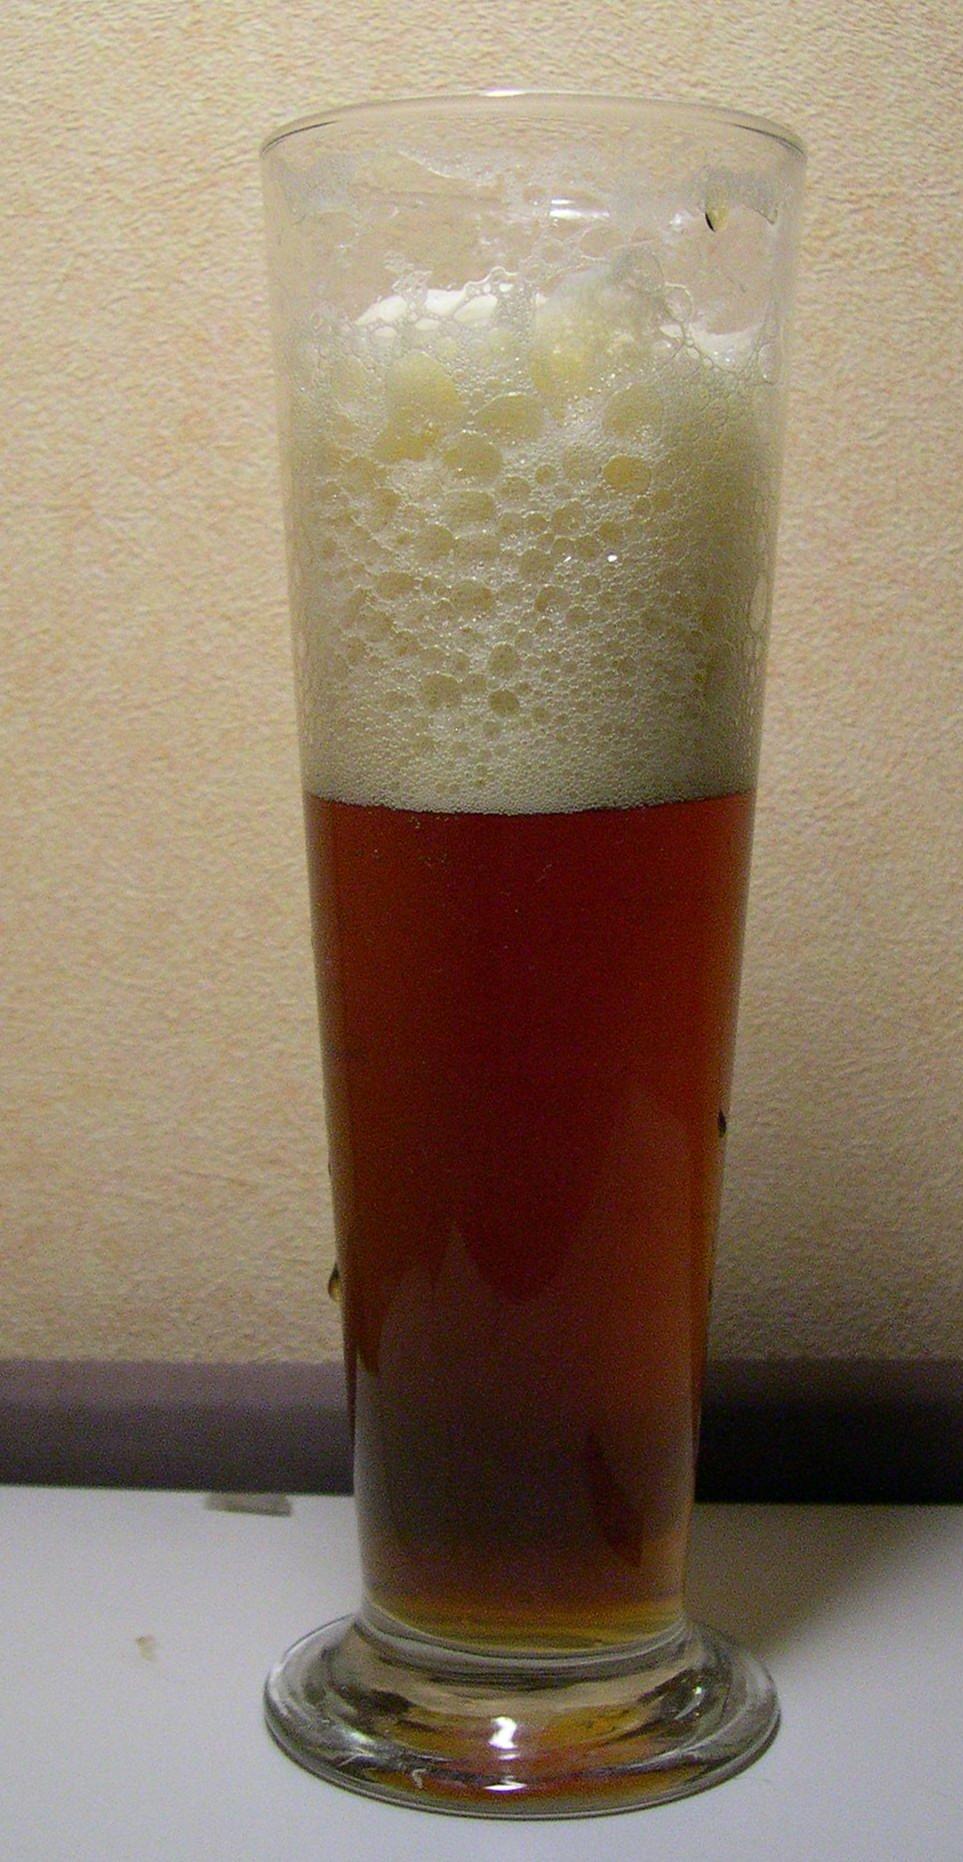 Piwo Wikicytaty